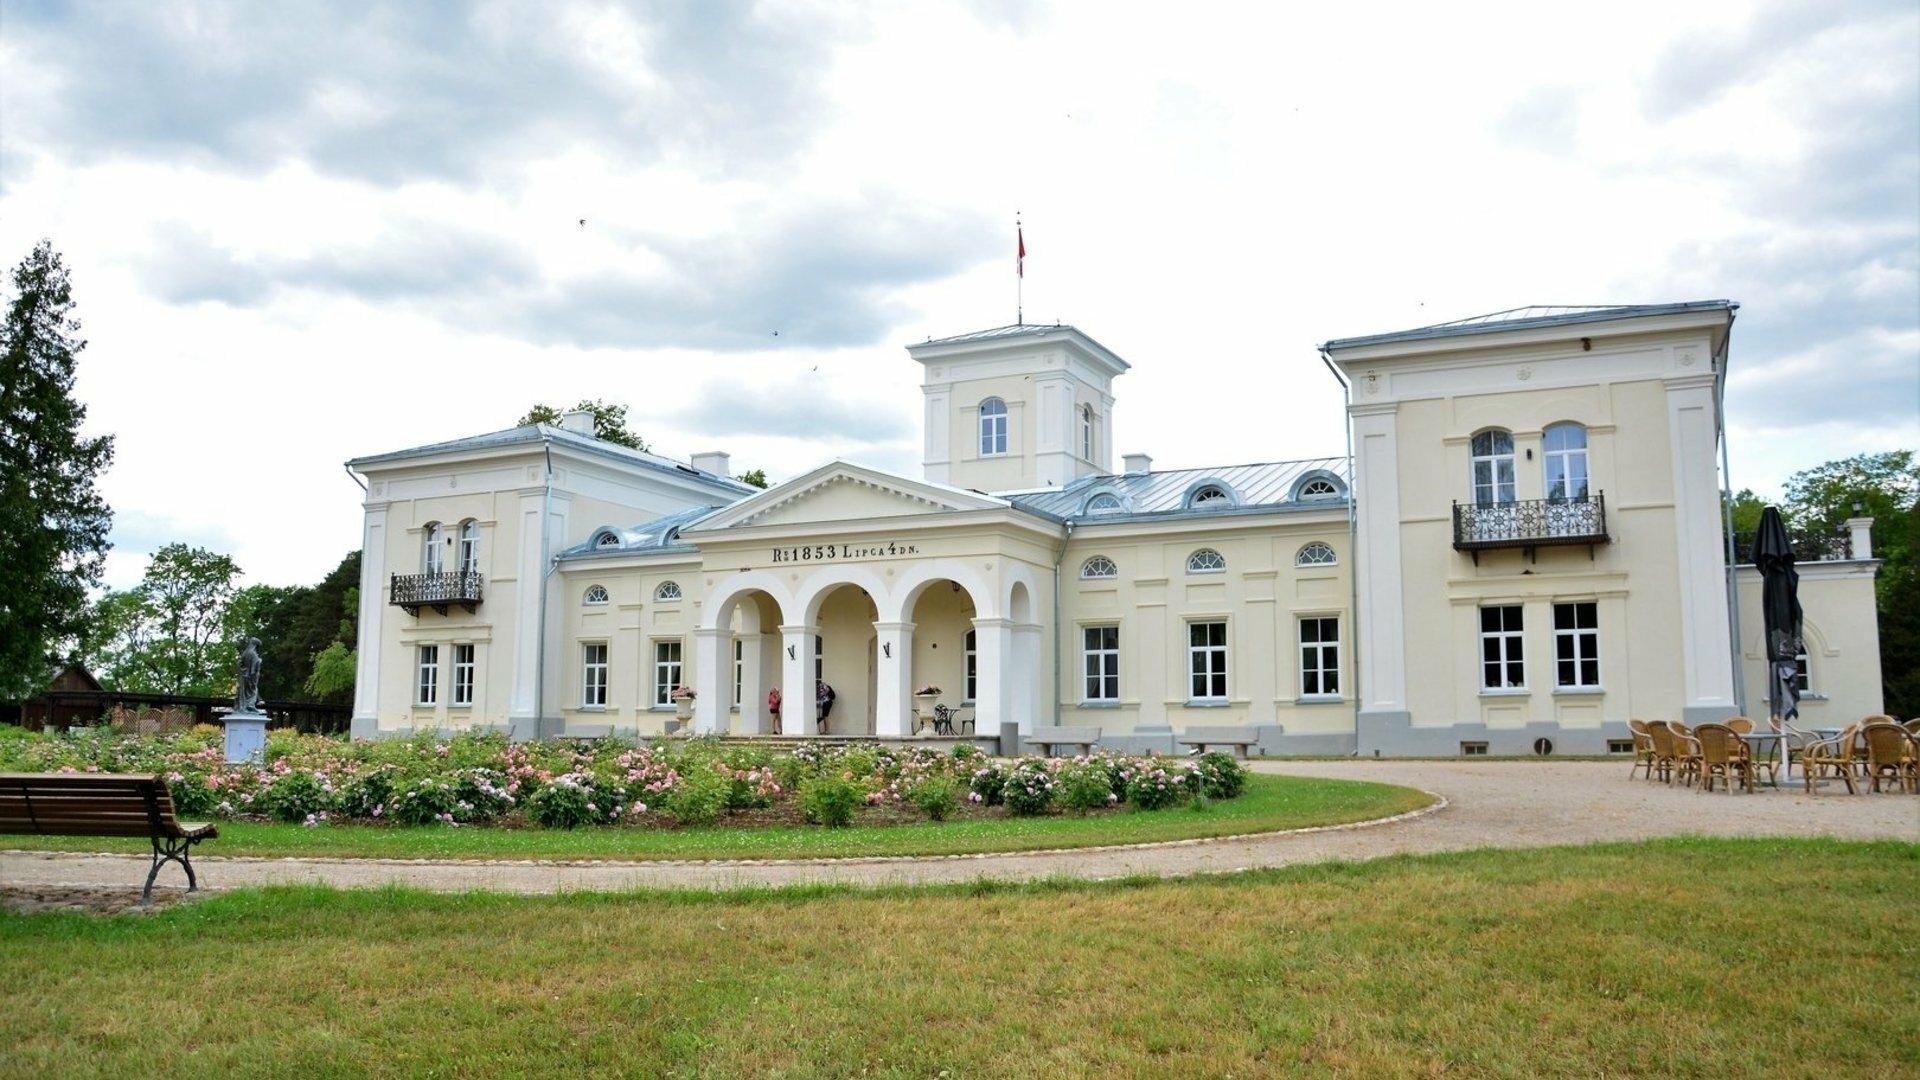 Ceļojums pa Anīkšču reģionālo parku ar automašīnu